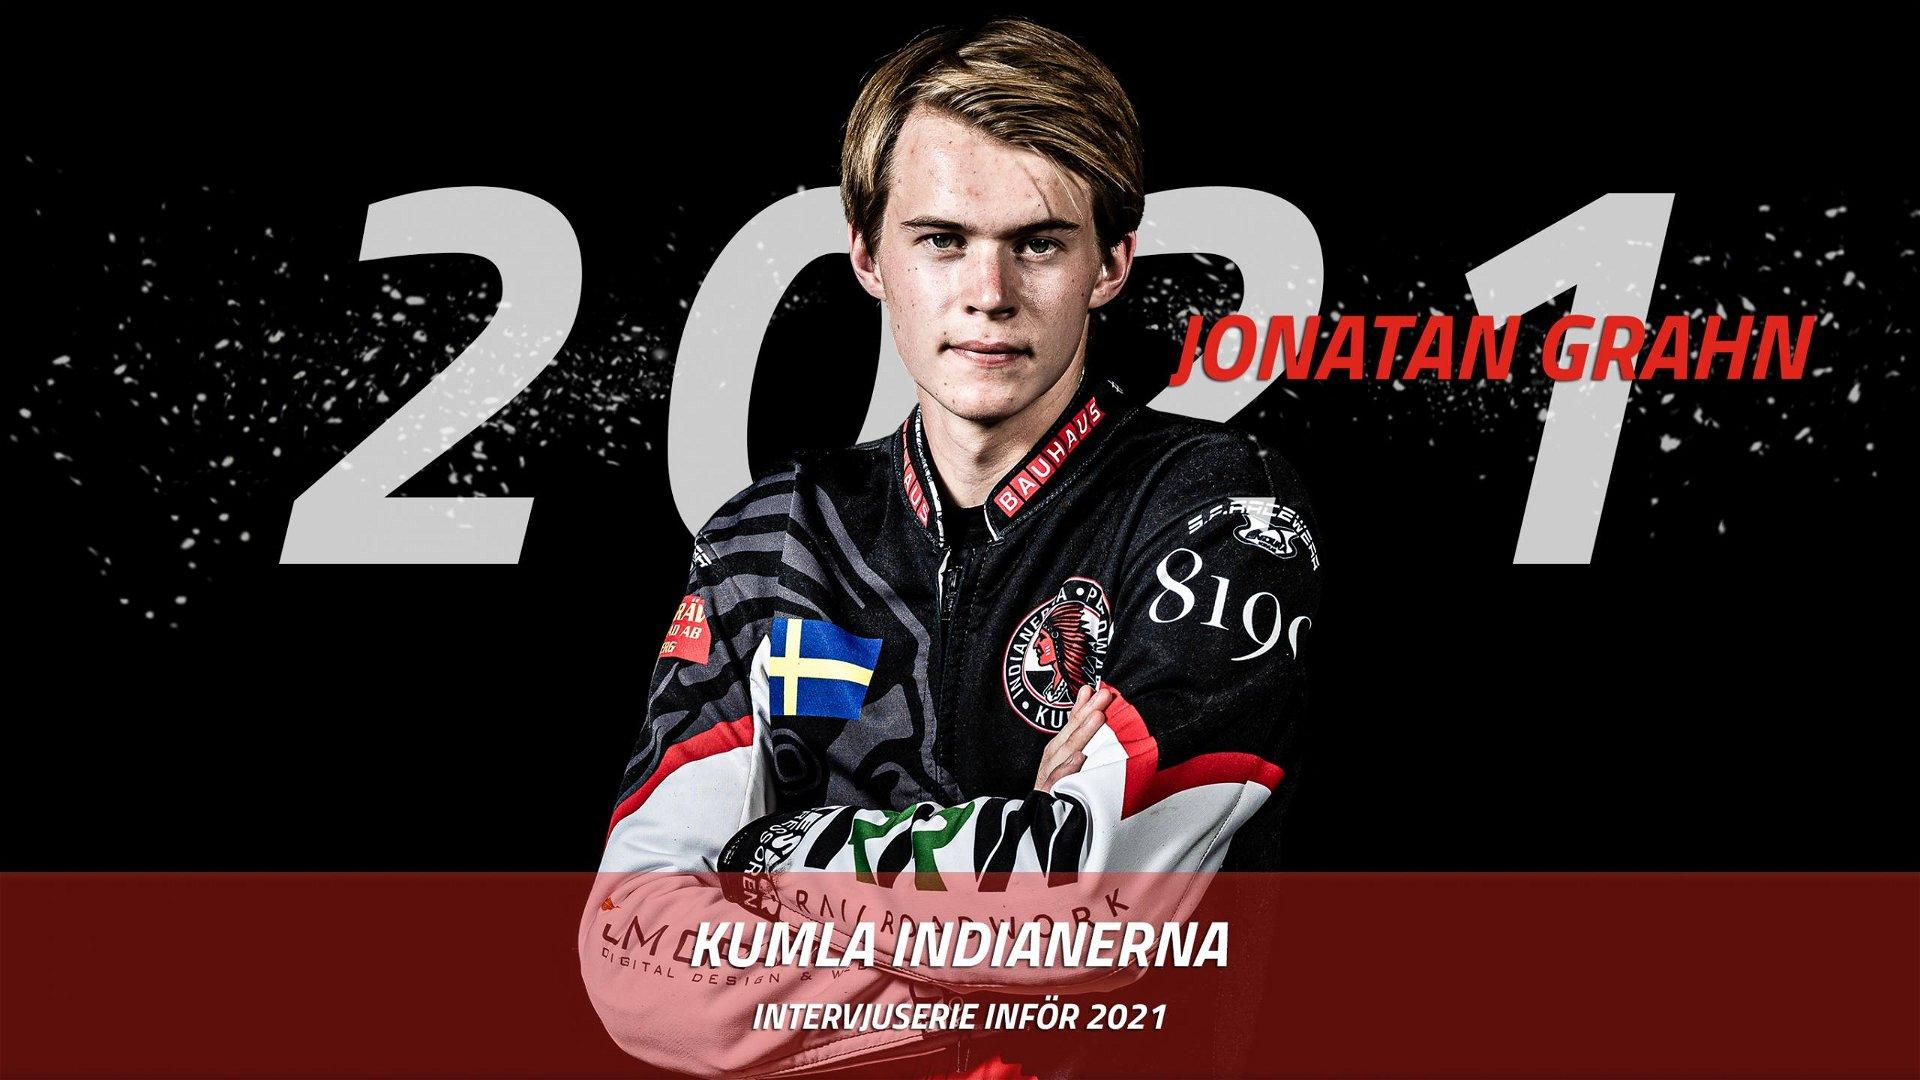 Jonatan Grahn inför 2021